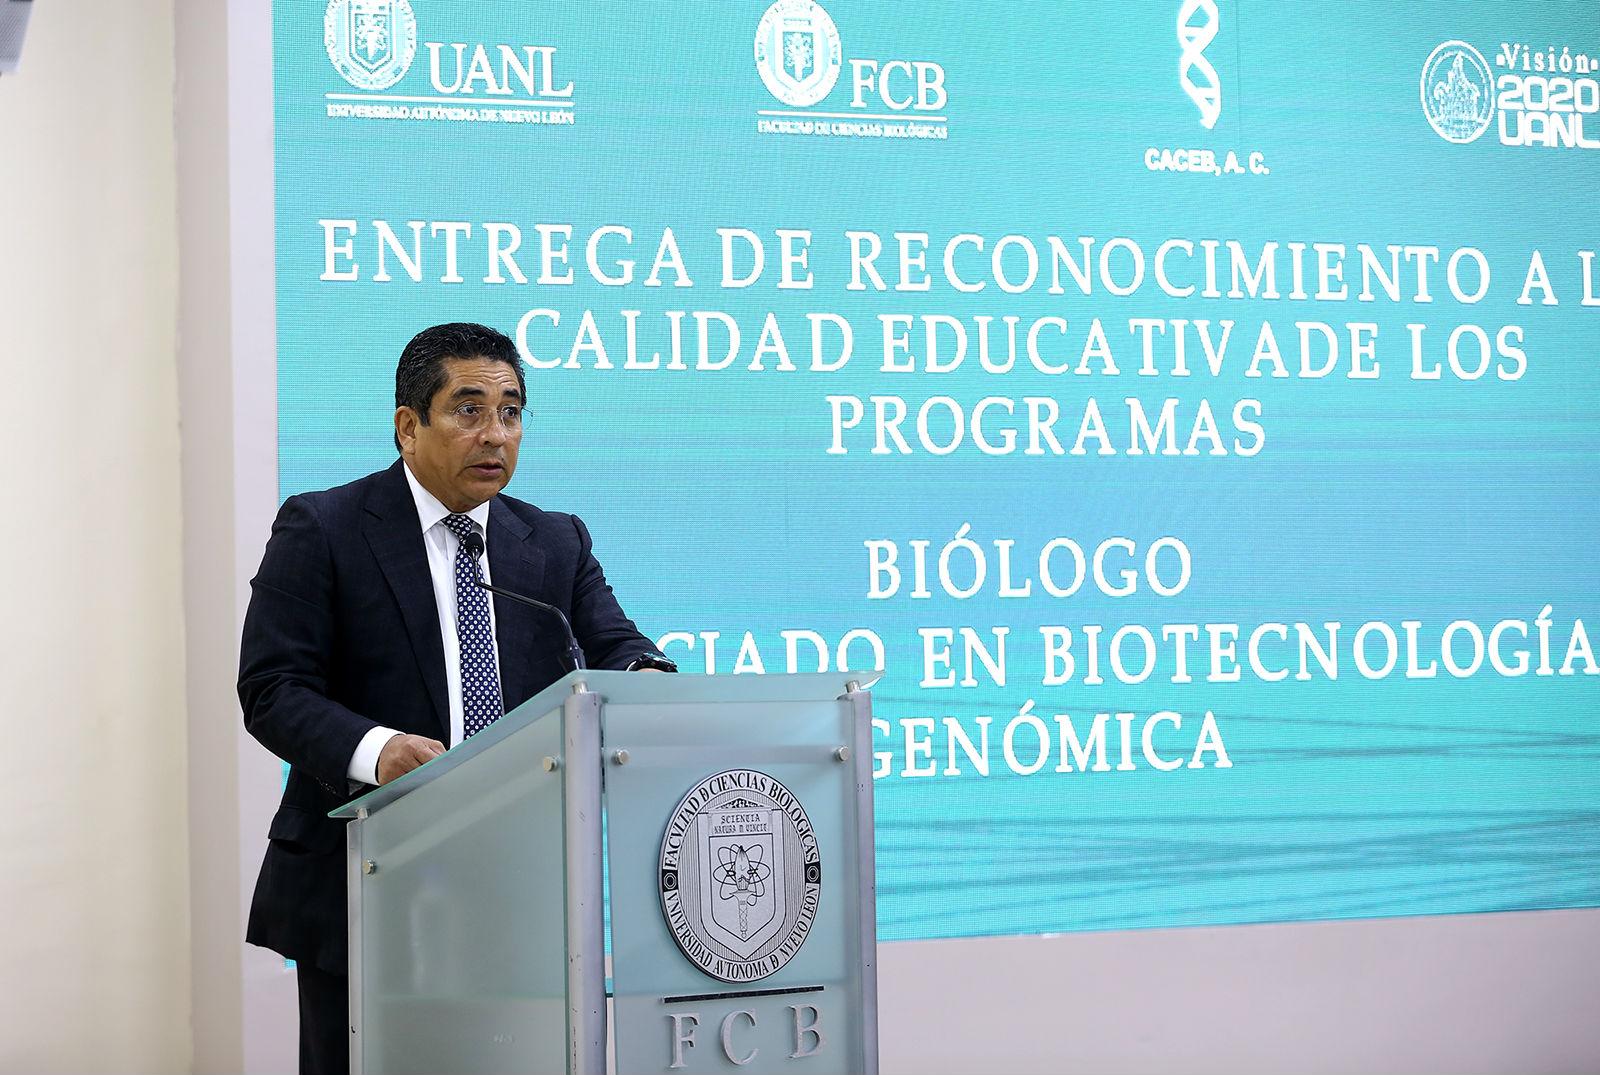 Antonio Guzmán Velasco, Director de la Facultad de Ciencias Biológicas